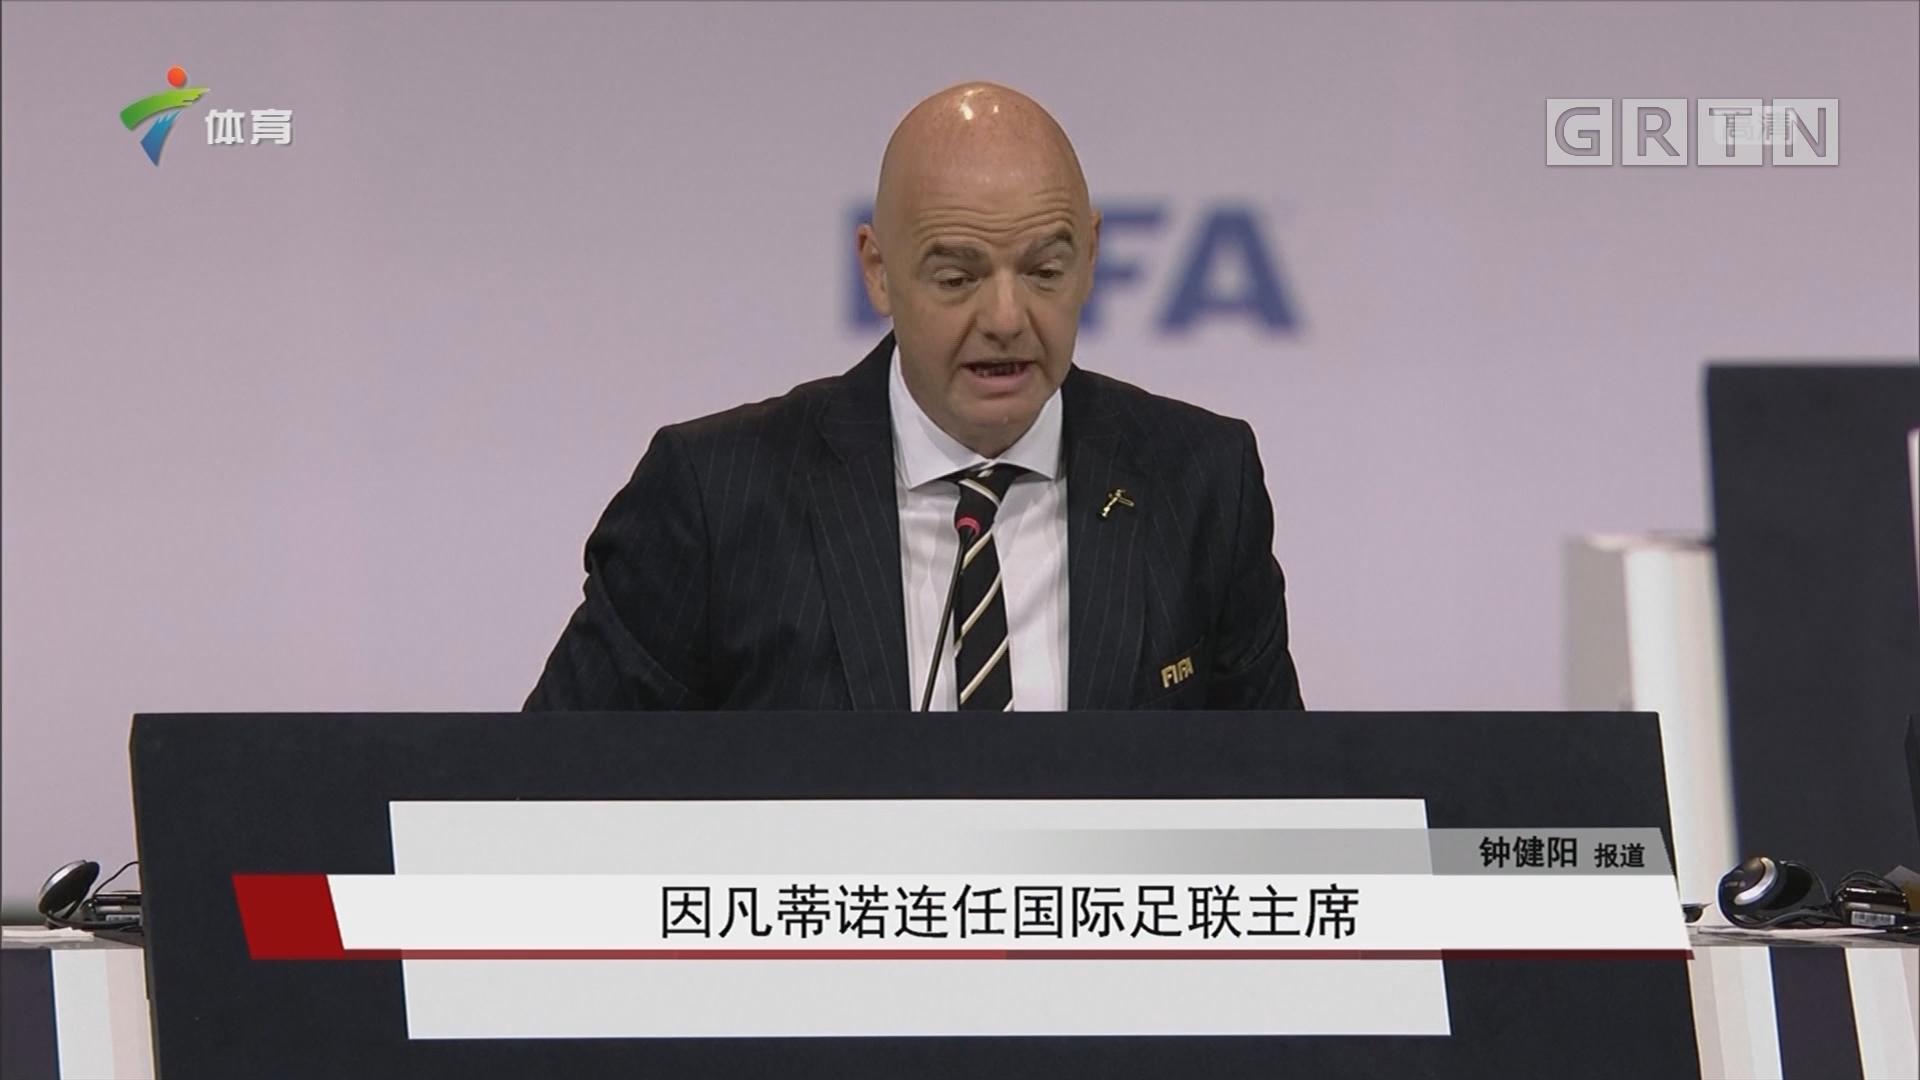 因凡蒂诺连任国际足联主席